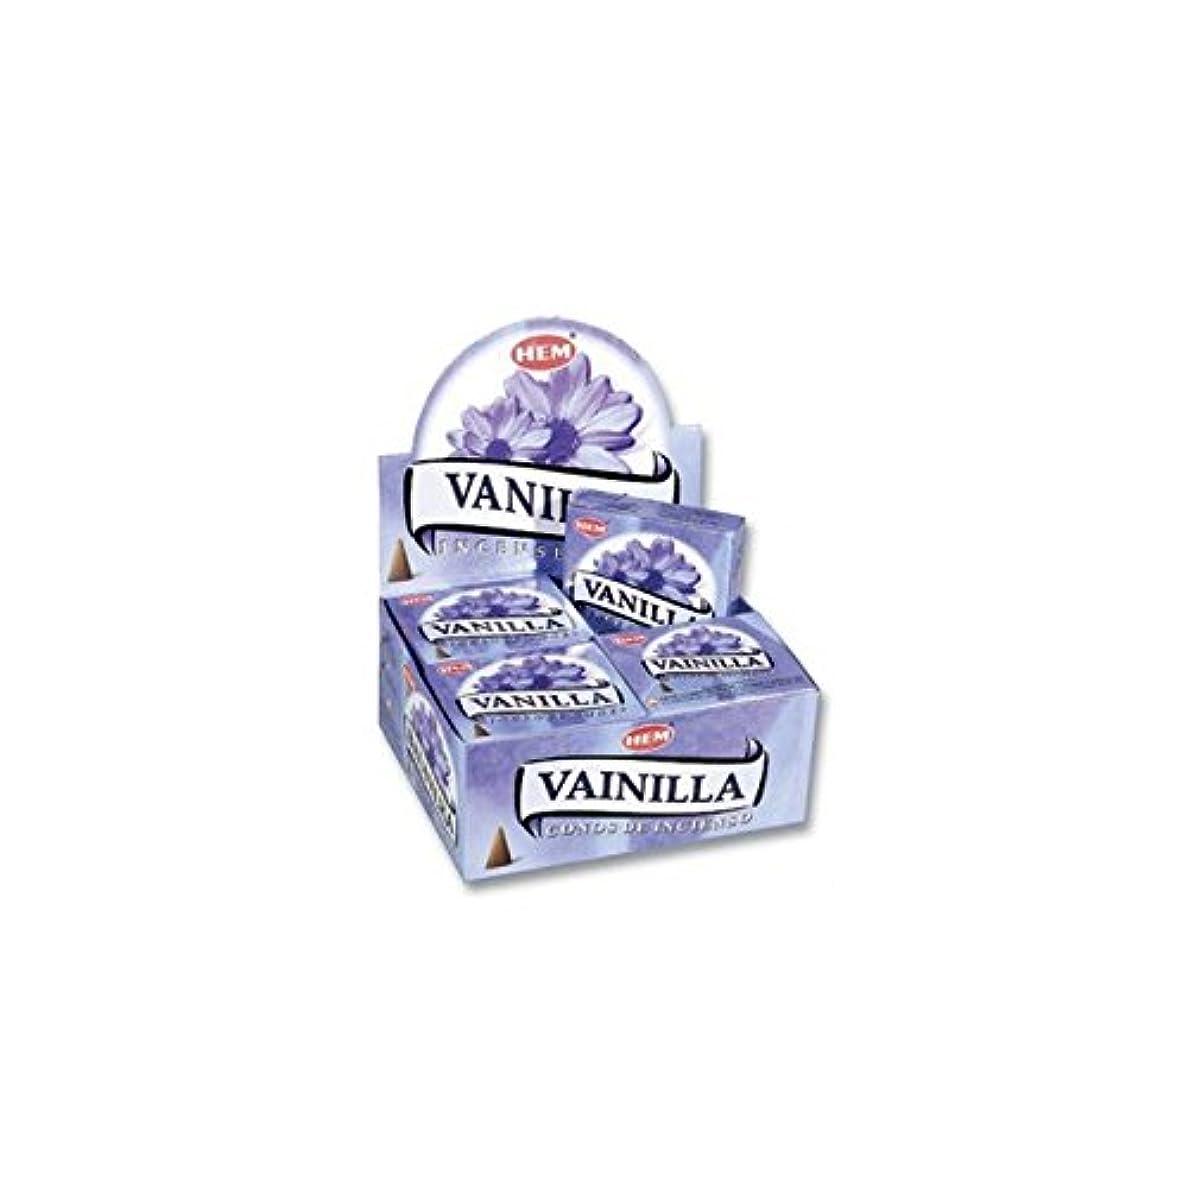 非公式家族タブレットHEM お香 バニラ(VANILLA) コーンタイプ 1ケース(12箱入り) HEMお香